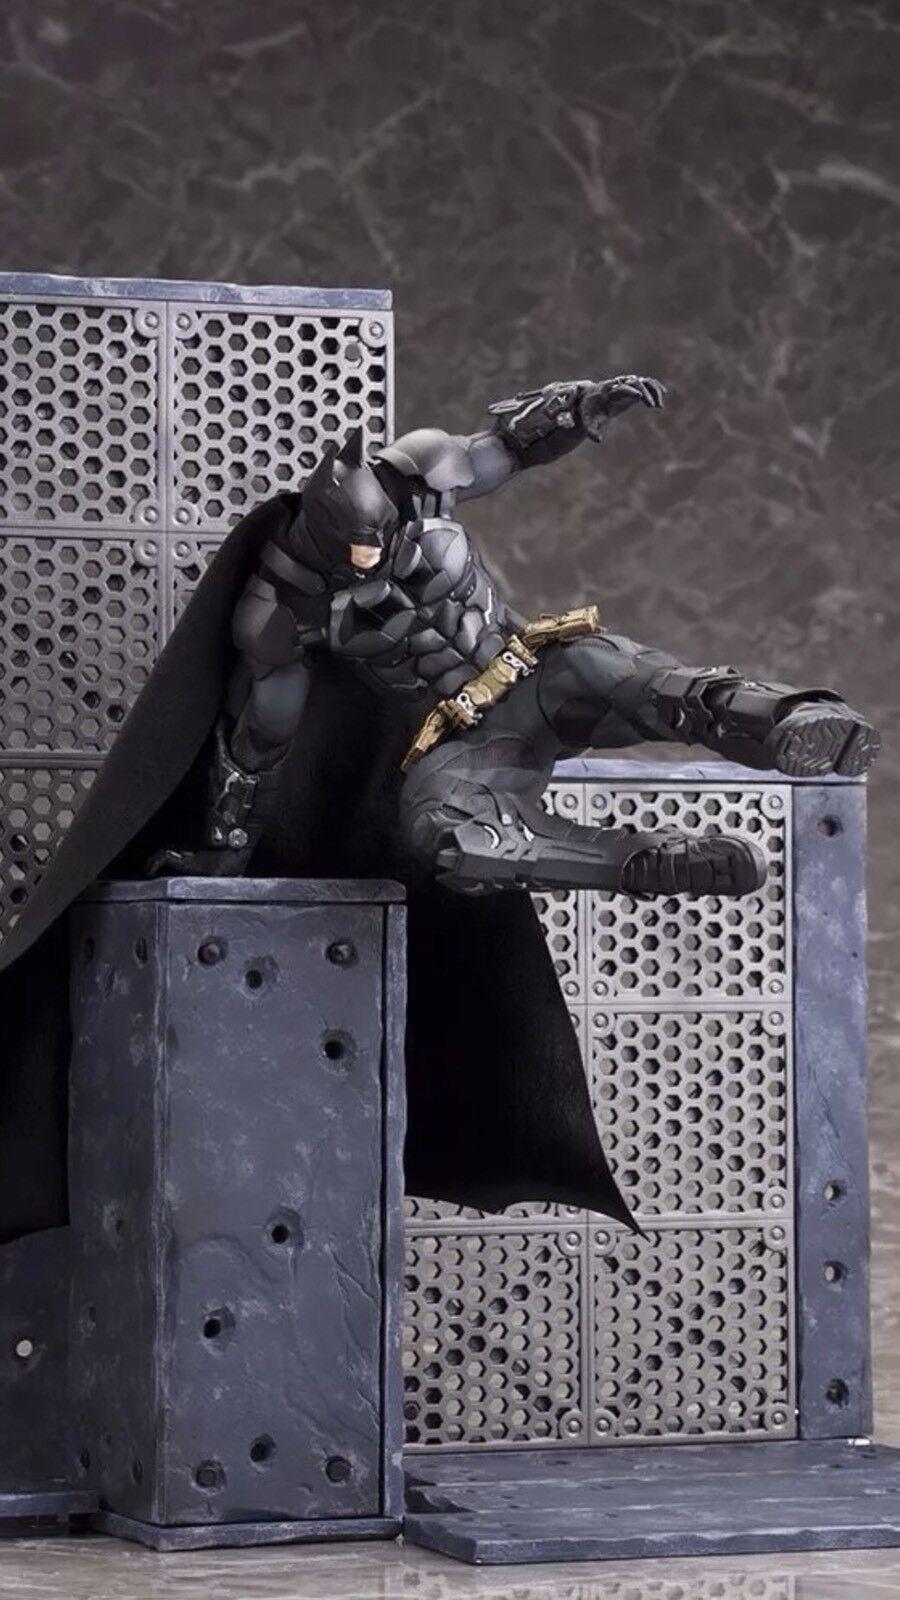 Batman from Arkham Knight 1 10 Scale Kotobukiya ArtFX Statue Battle Scene  NEW